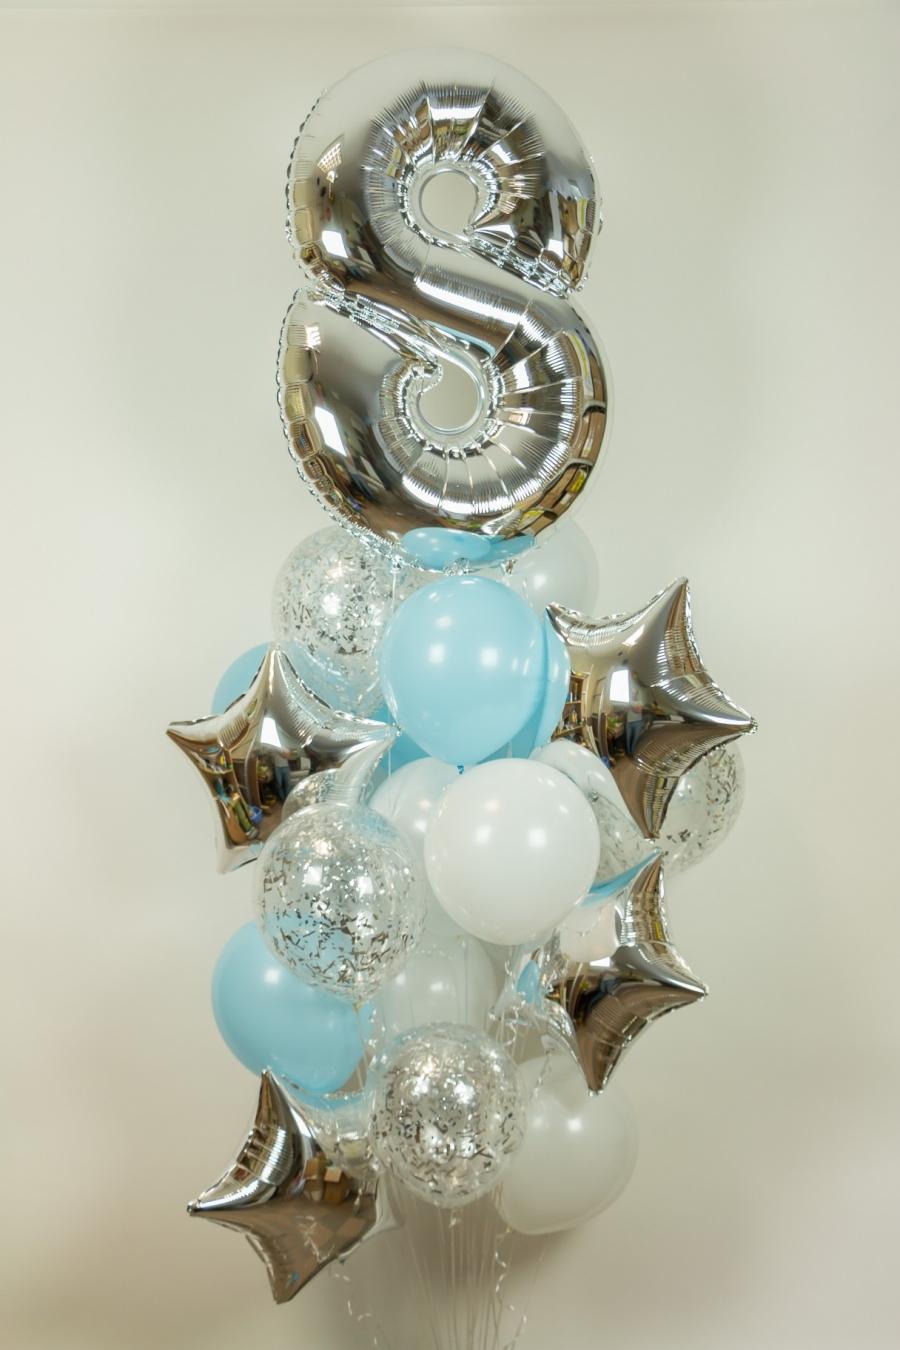 Композиция «Цифра на небе» из воздушных шаров